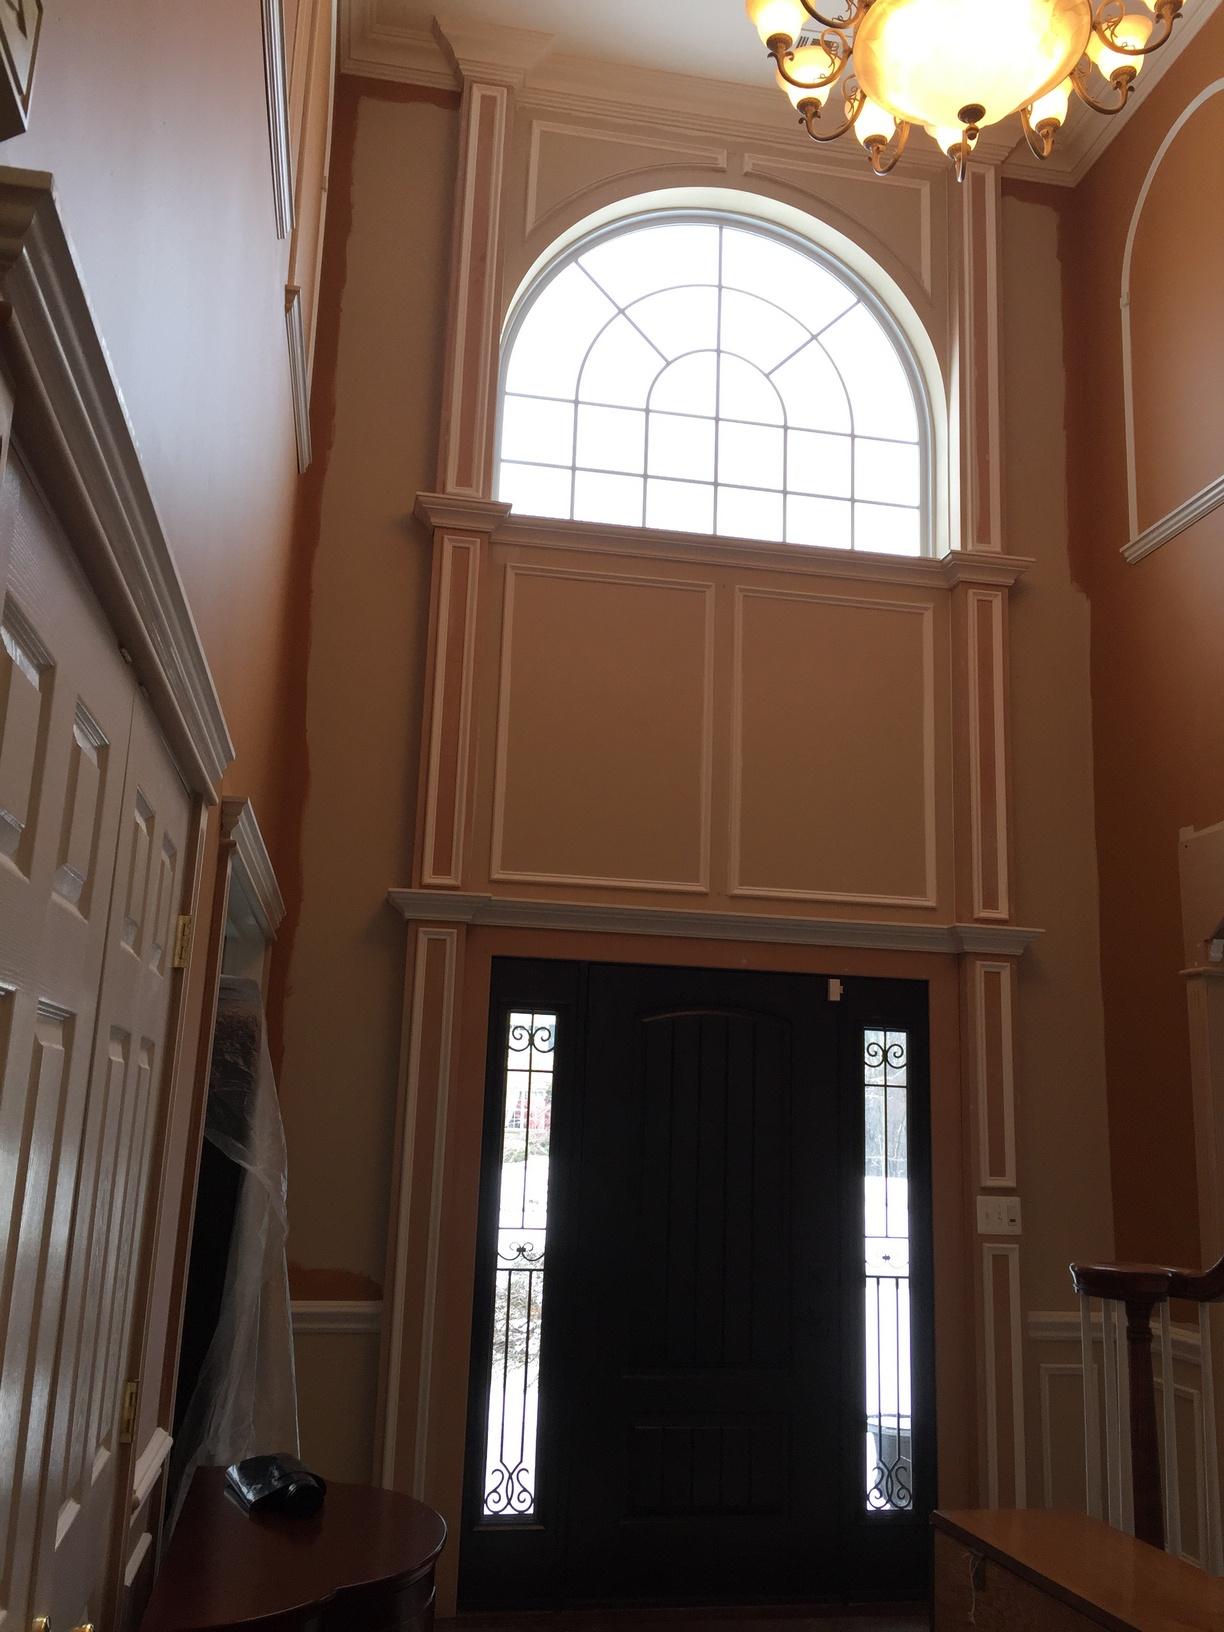 Foyer Trim Ideas : Foyer crown molding nj llc